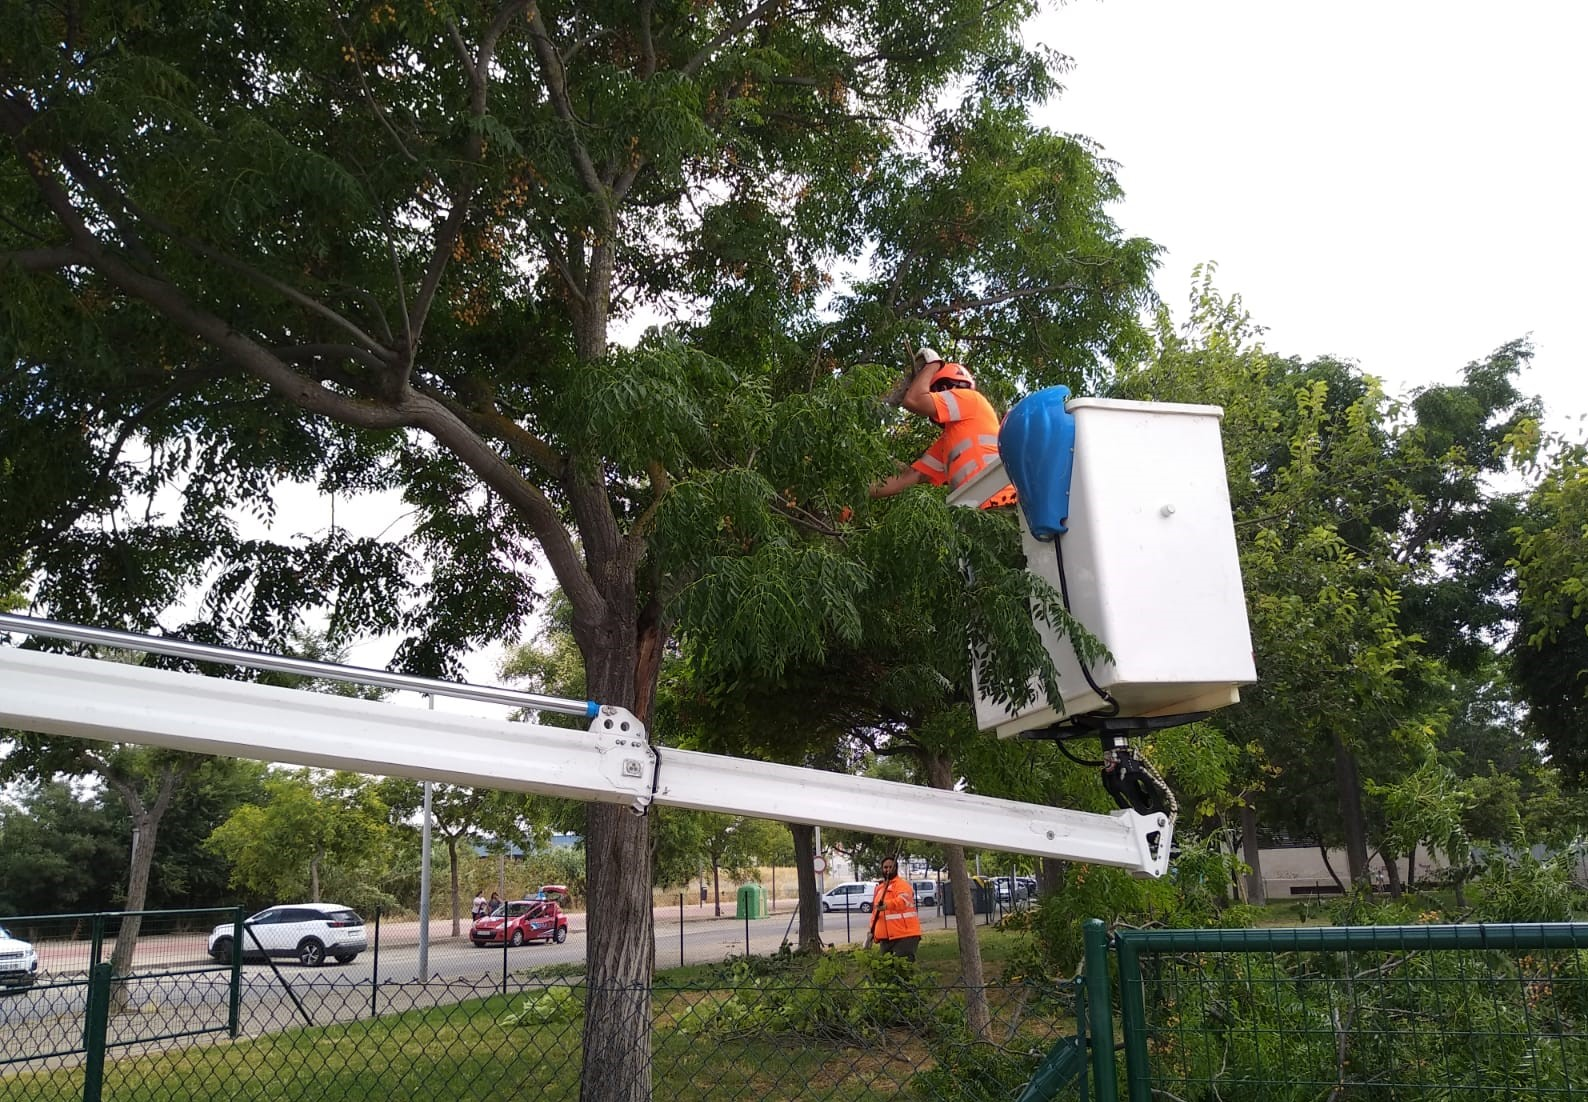 Trabajadores realizando labores en un parque